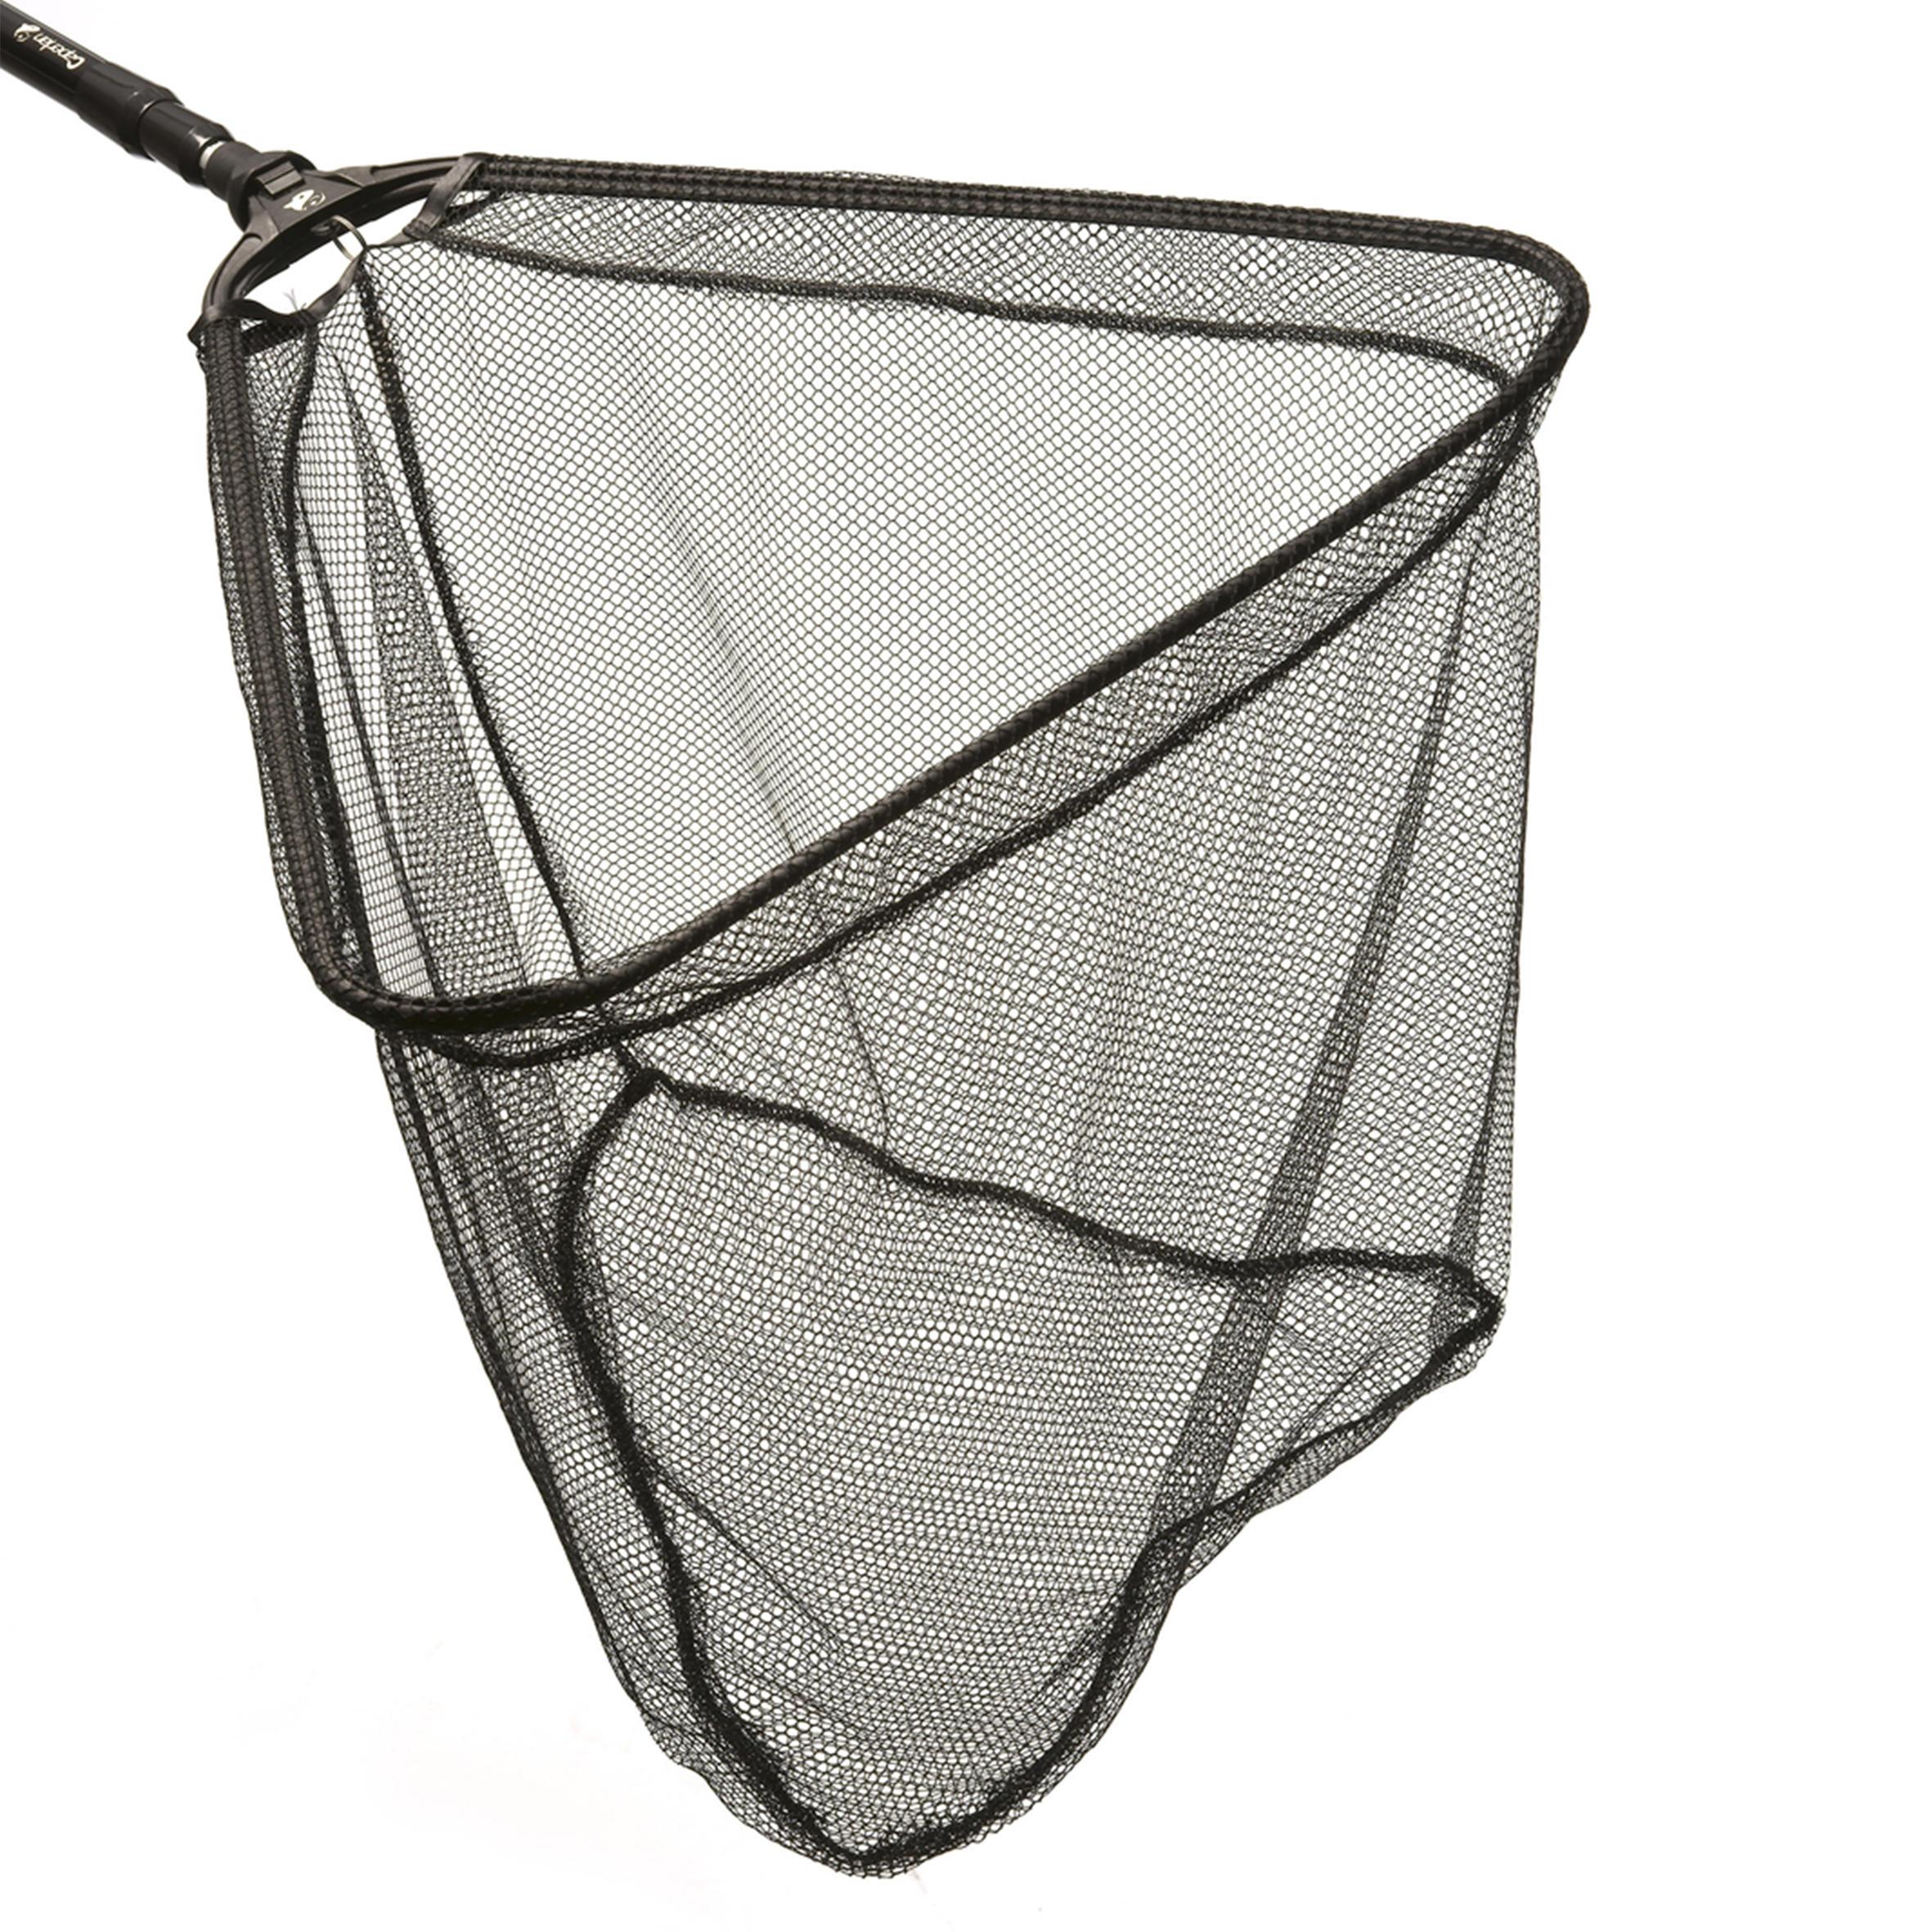 Épuisette pêche NET 4X4 220